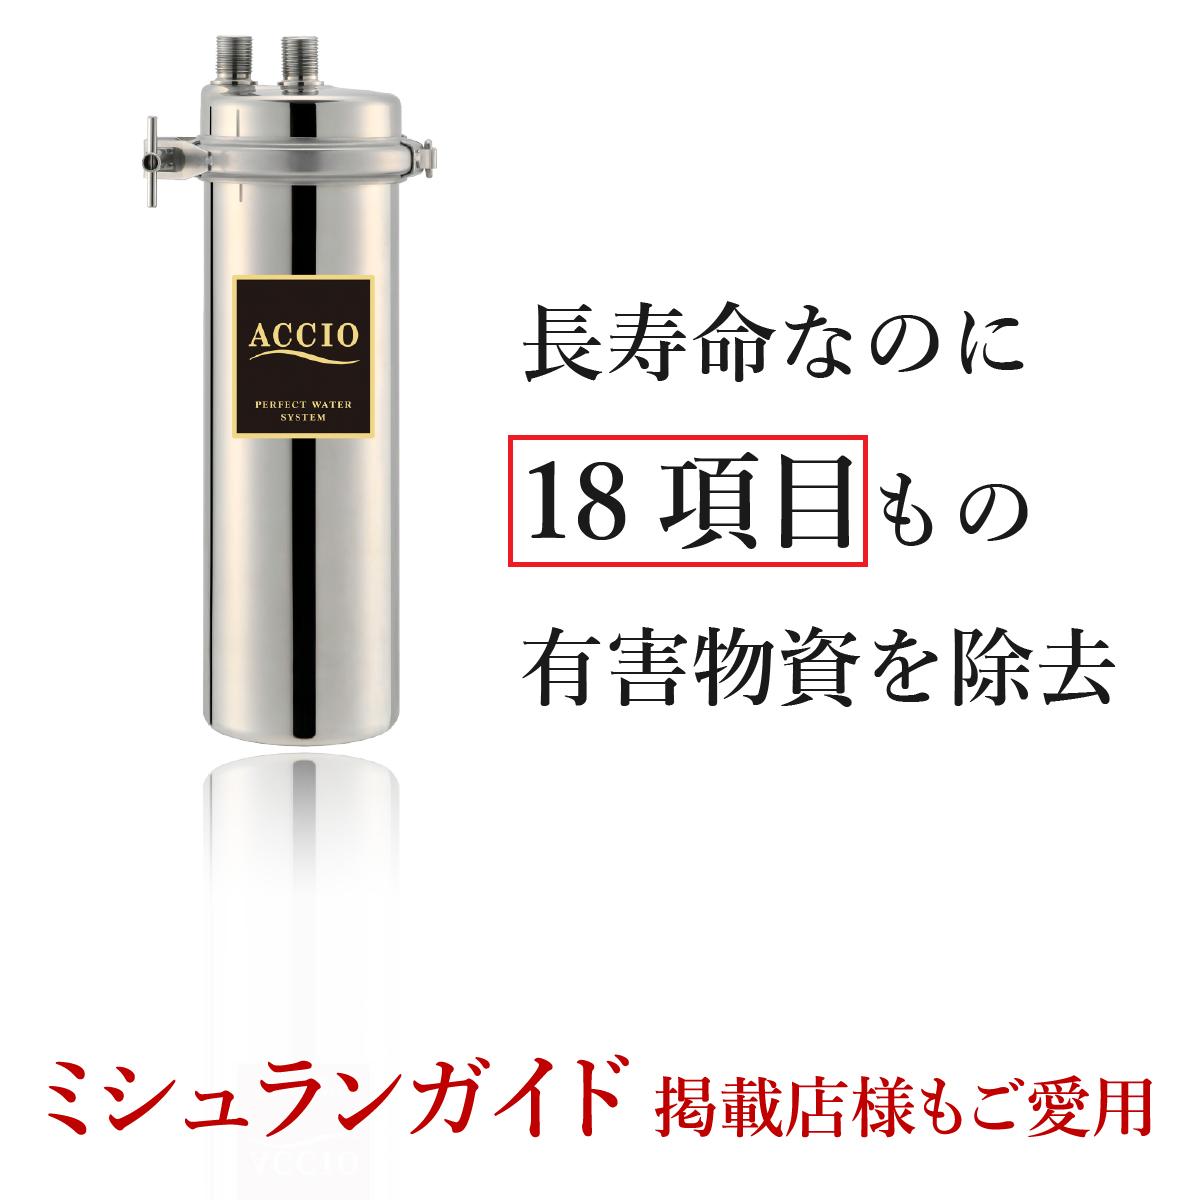 浄水器アクシオの画像あと「長寿命なのに18項目もの有害物質を除去」という文字